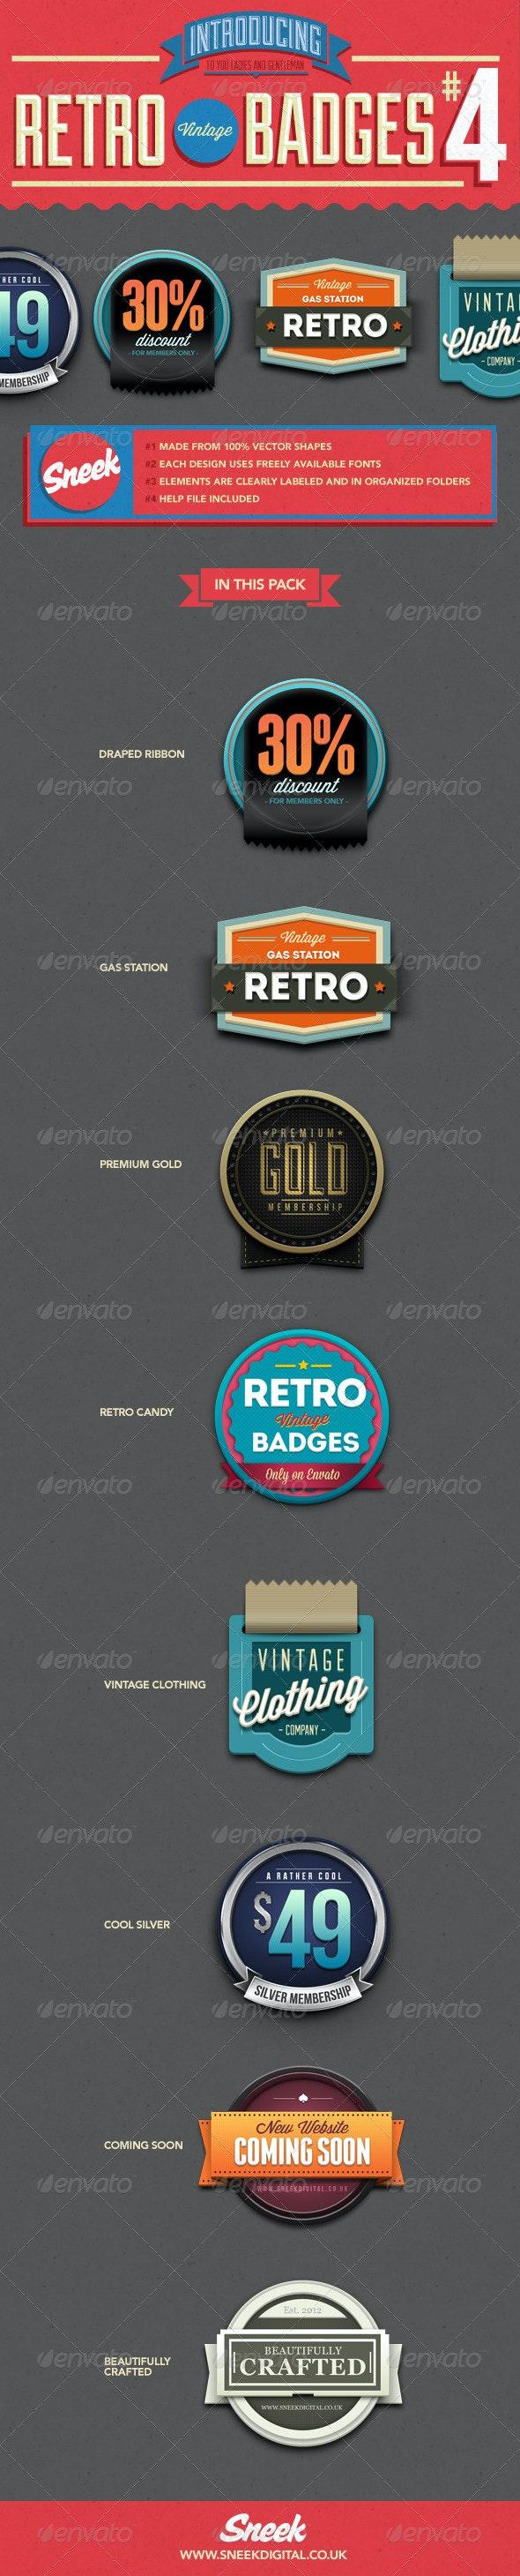 8 Retro Vintage Badges #4 - Badges & Stickers Web Elements